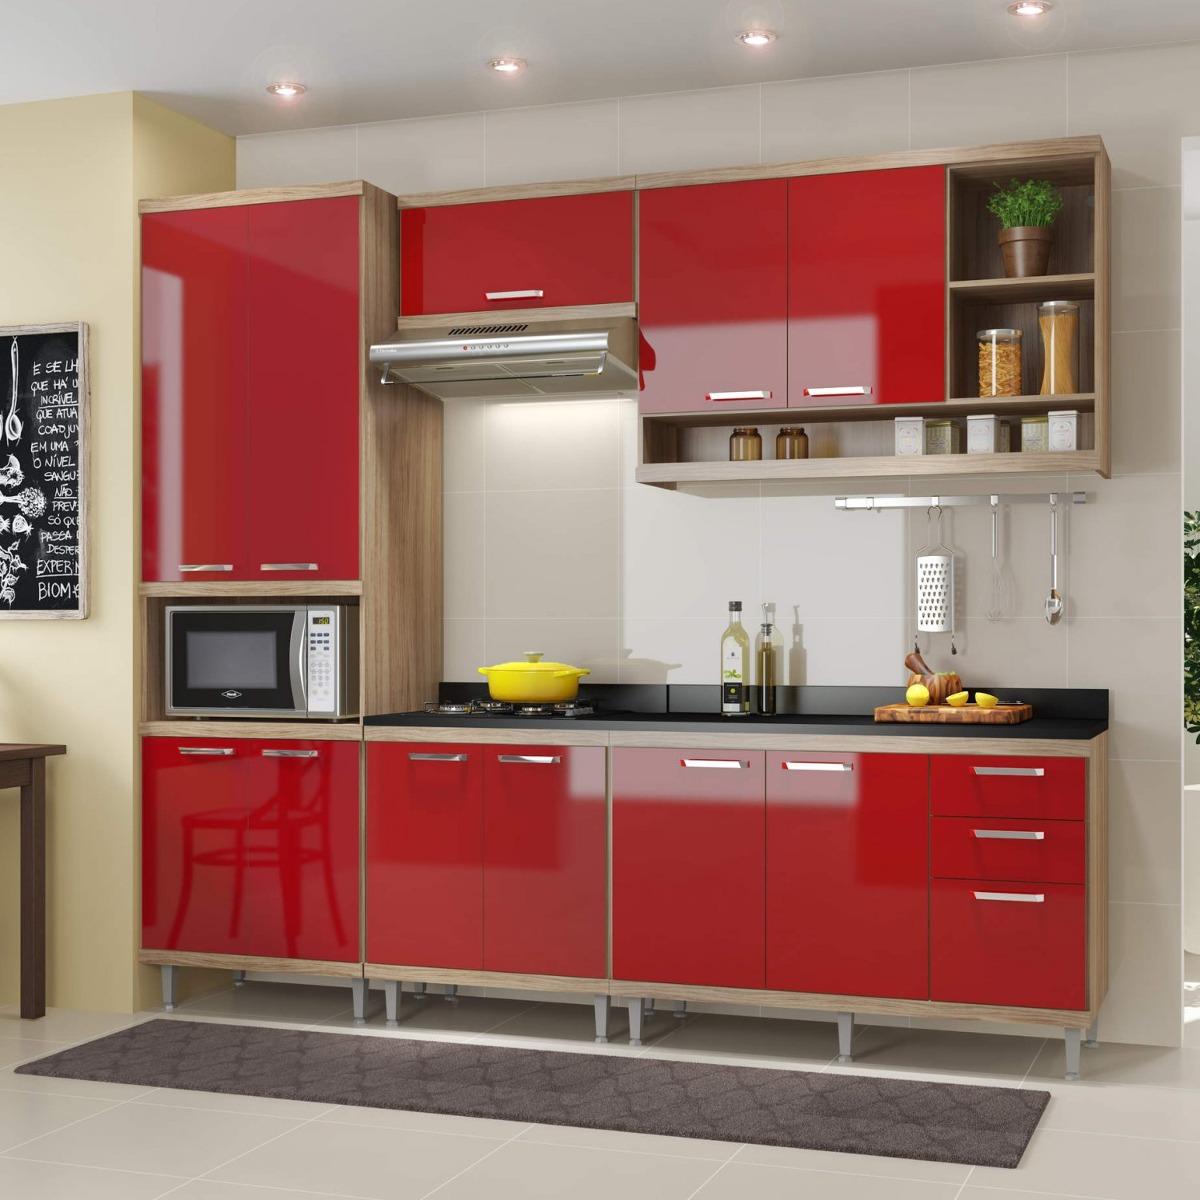 Cozinha Completa Com Balc O Com Tampo 6 Pe As 11 Giwt R 1 881 50